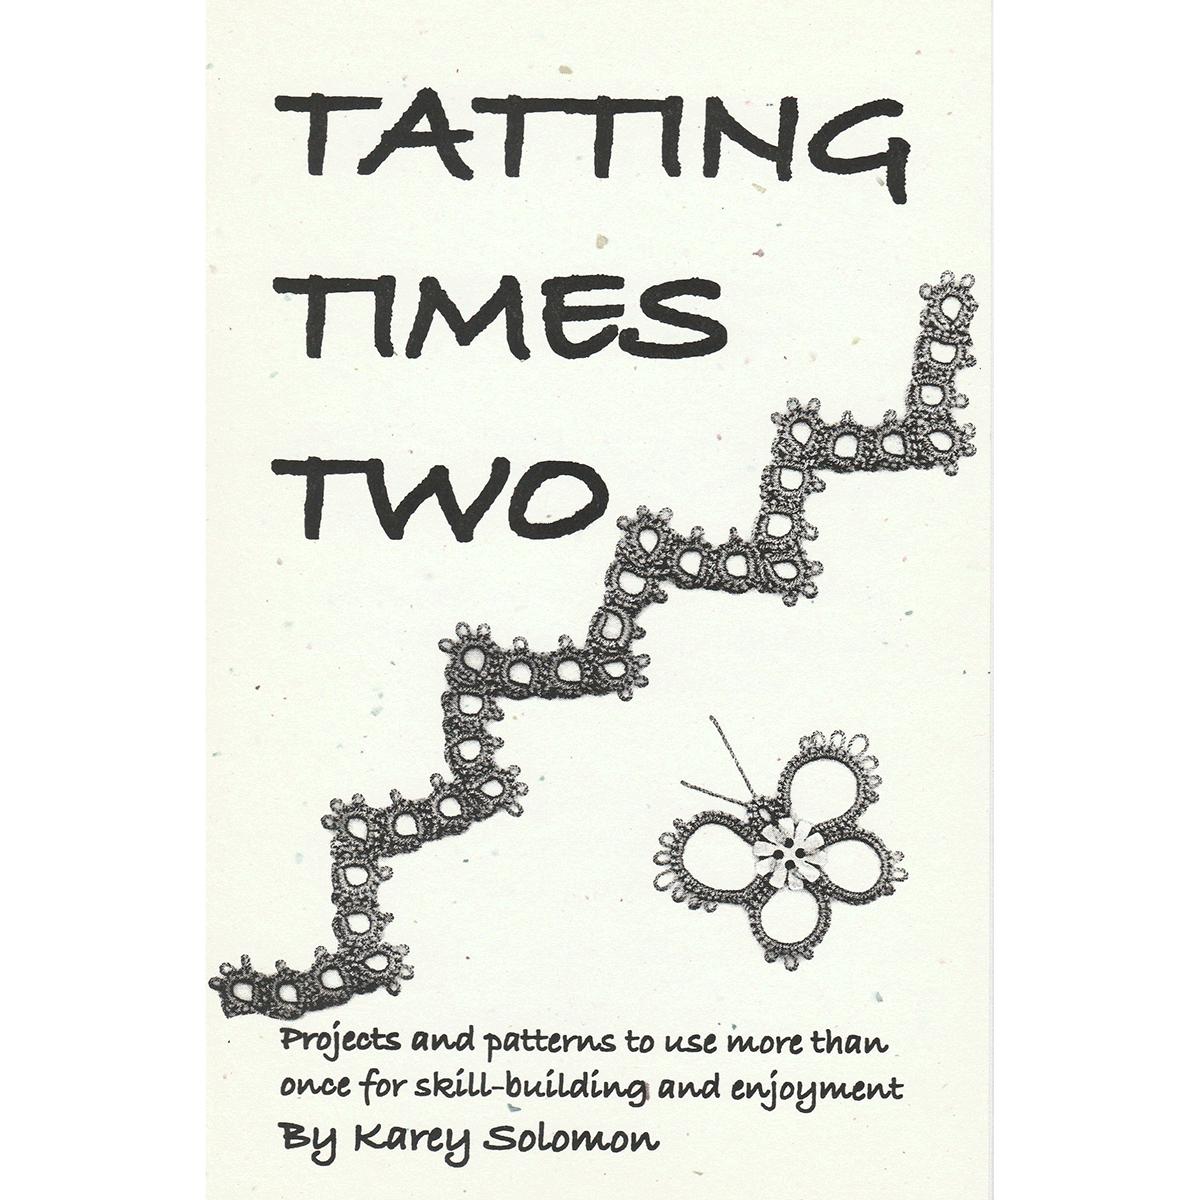 Tatting Times Two By Karey Solomon